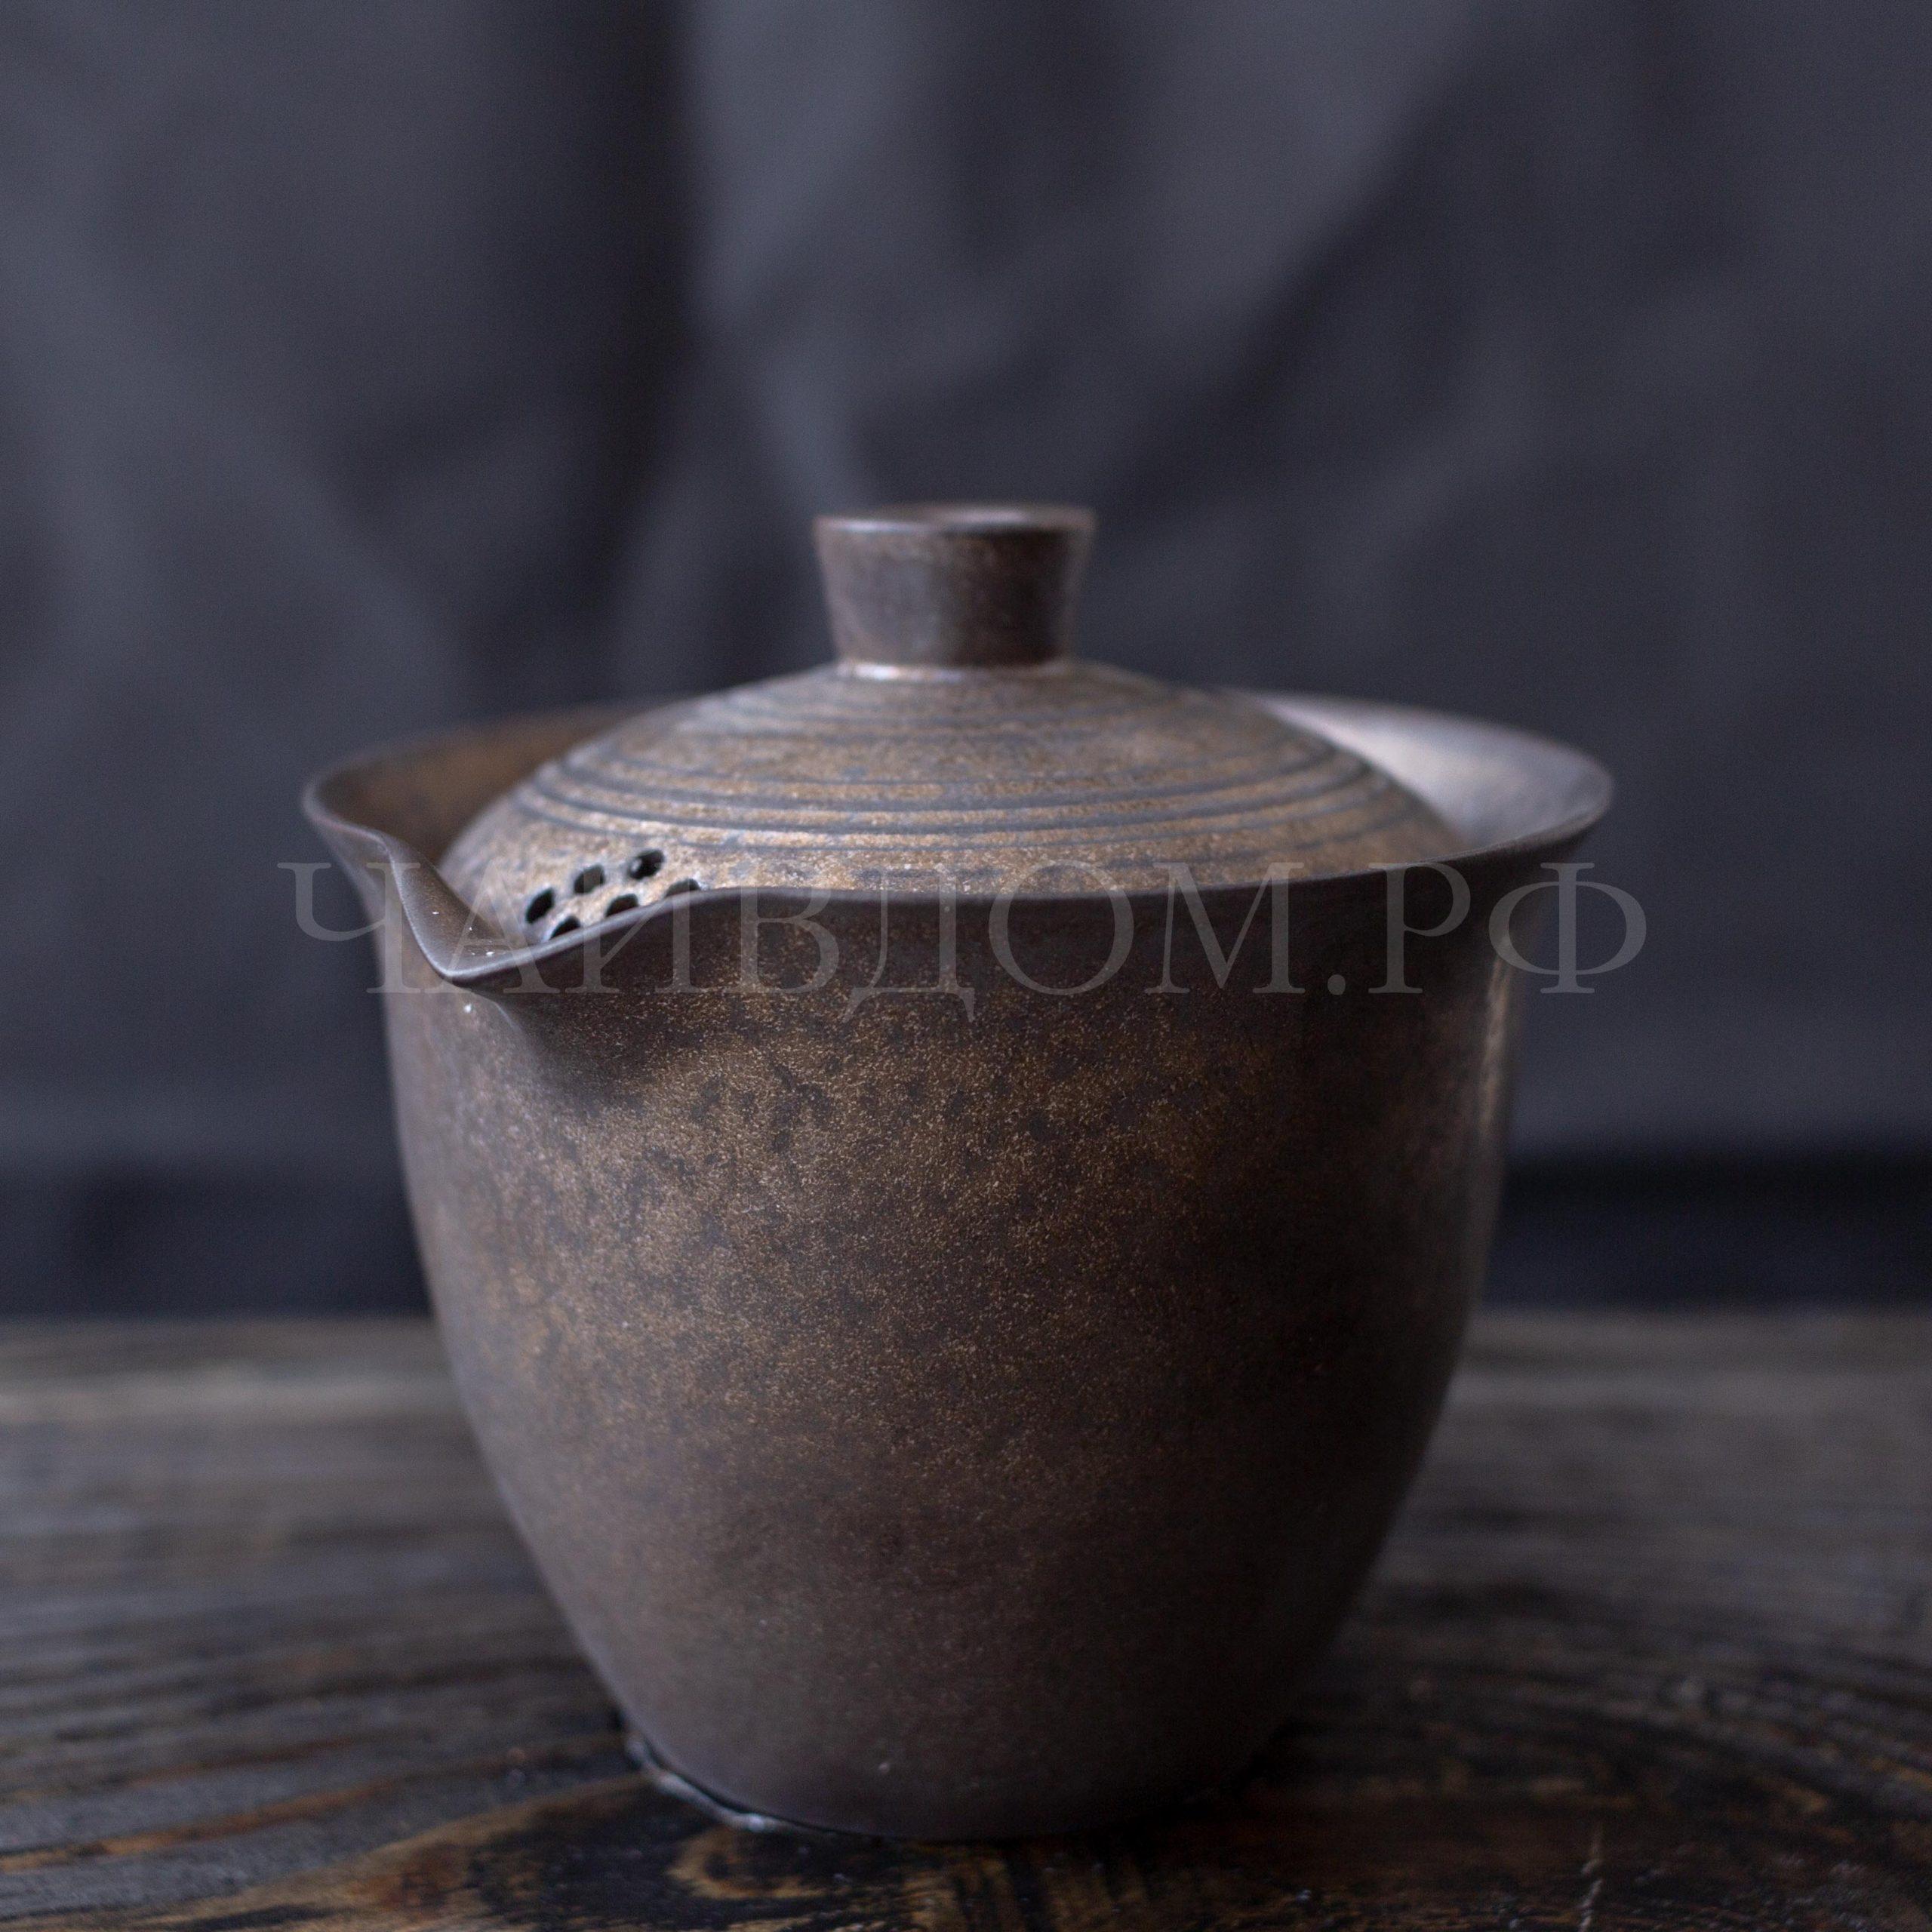 Гайвань хохин японский стиль керамика глазурь заварник чай